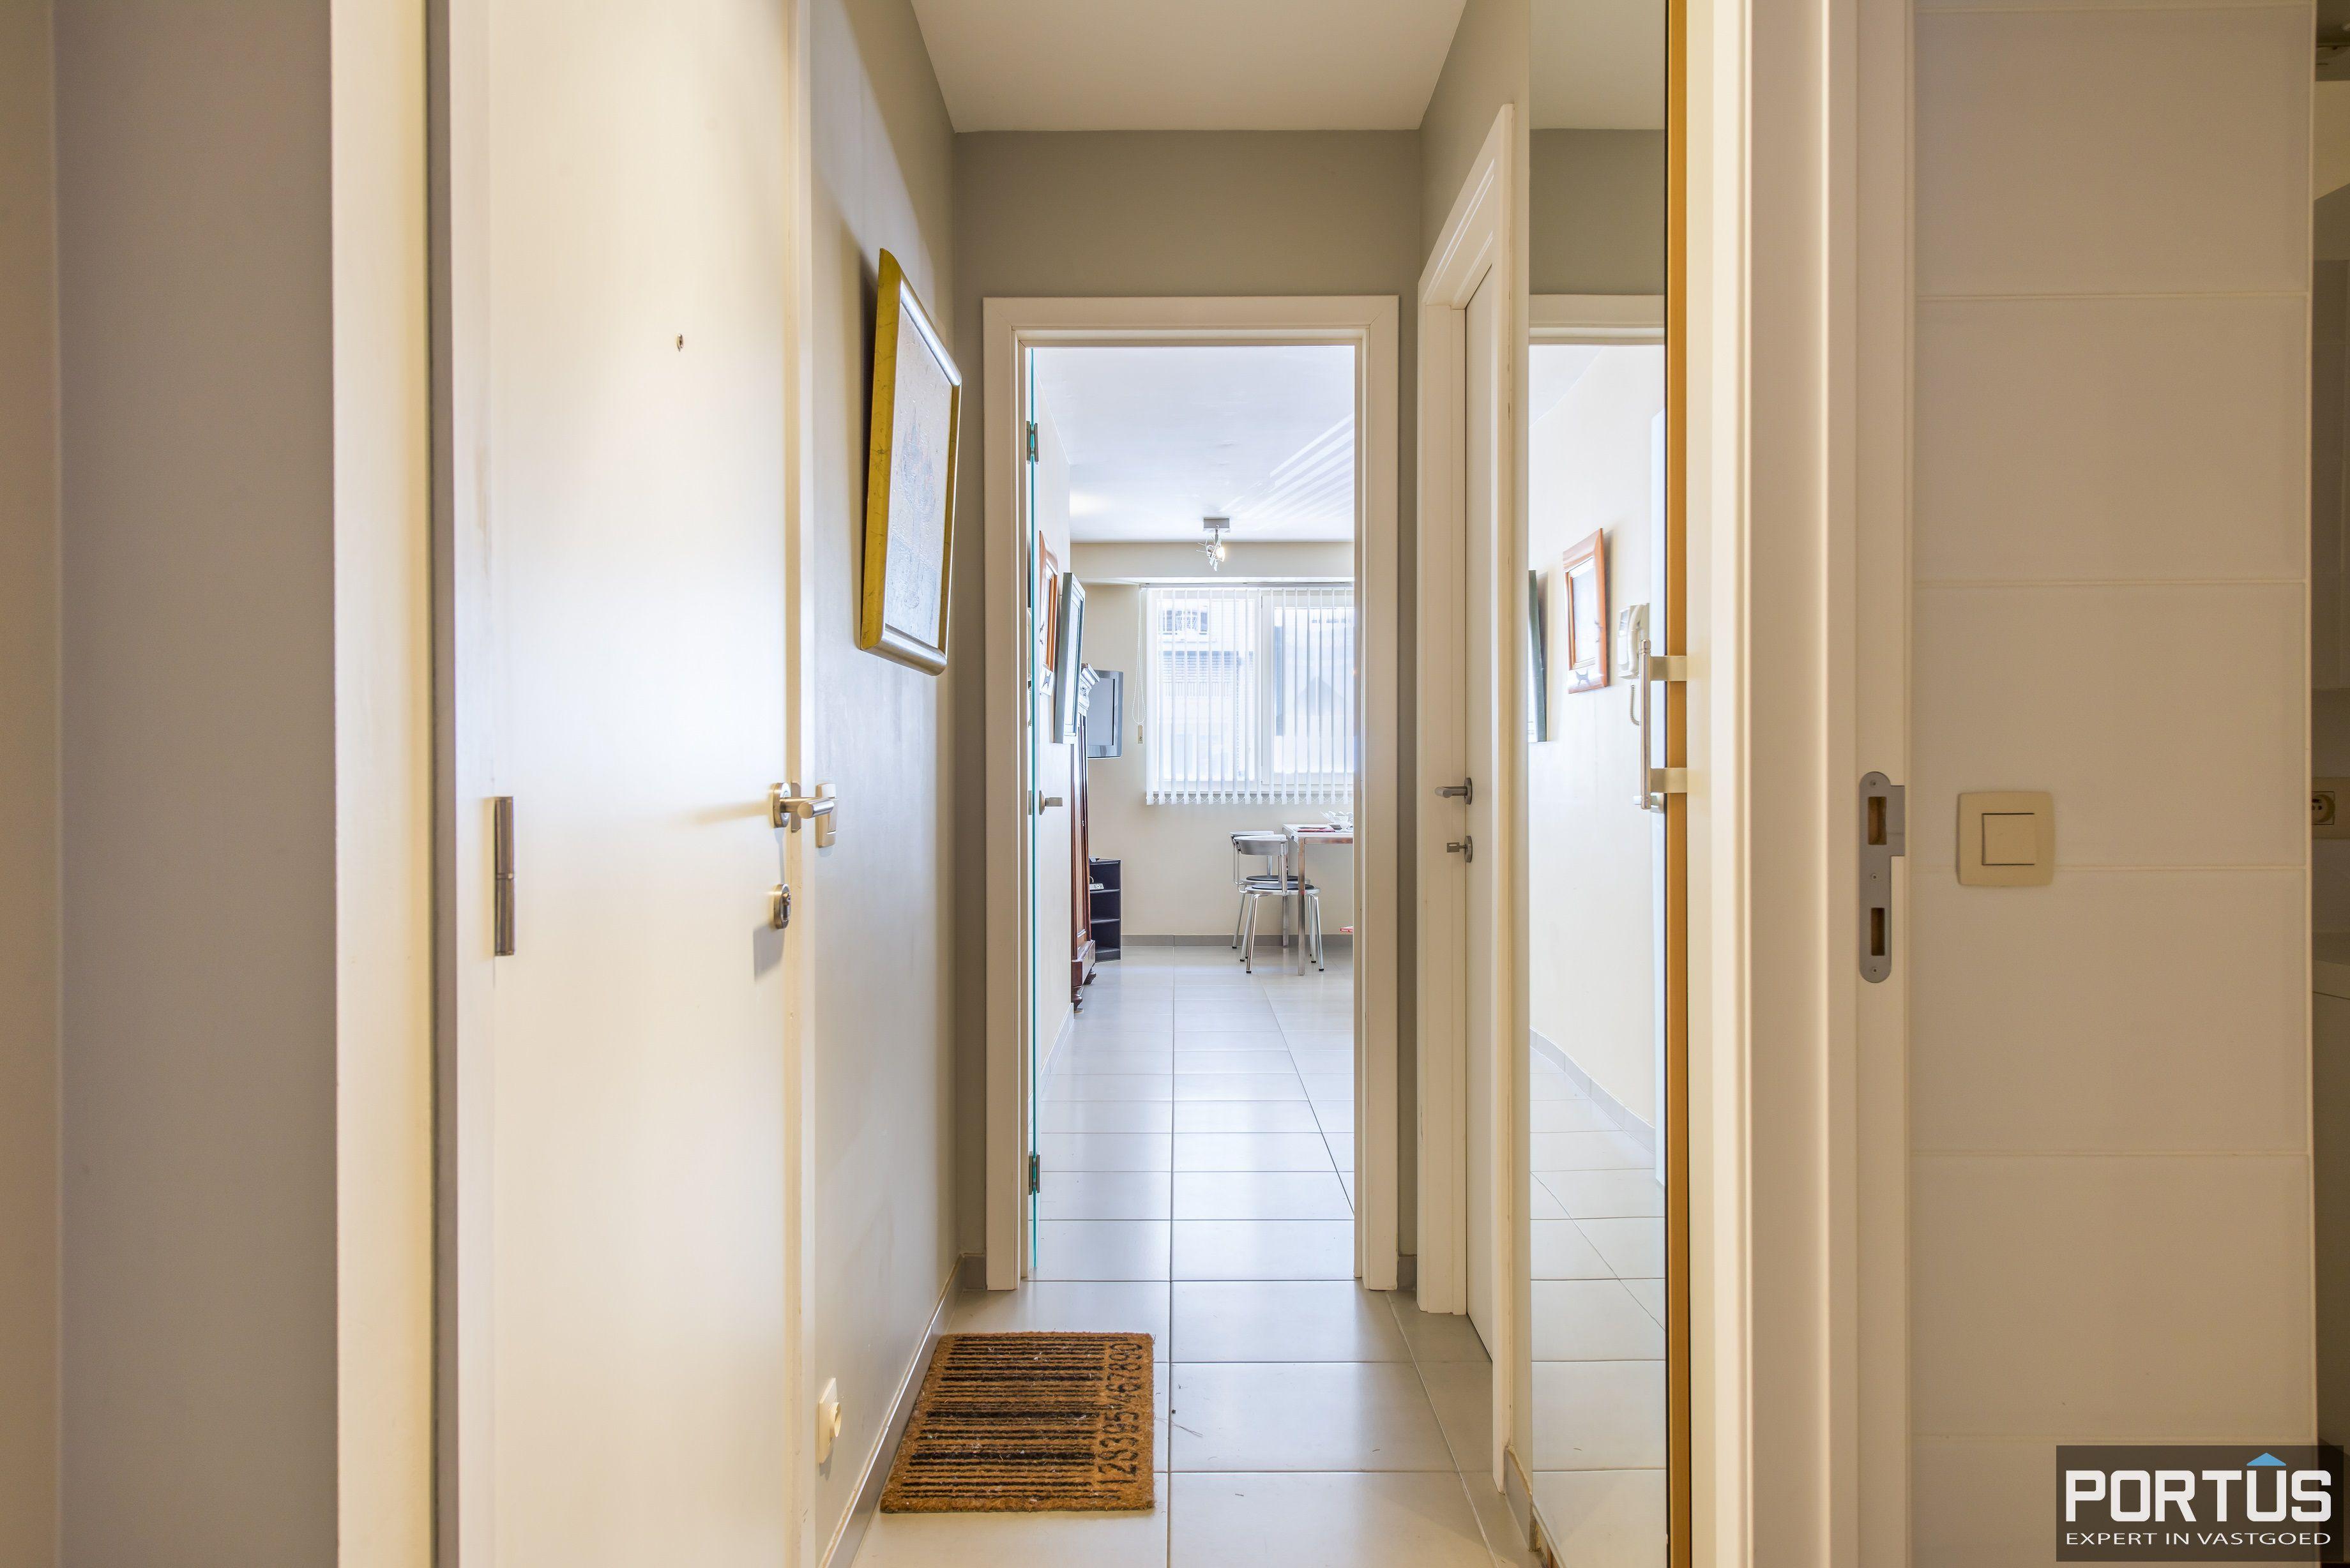 Instapklaar gelijkvloers appartement met 2 slaapkamers te koop te Nieuwpoort  - 11212